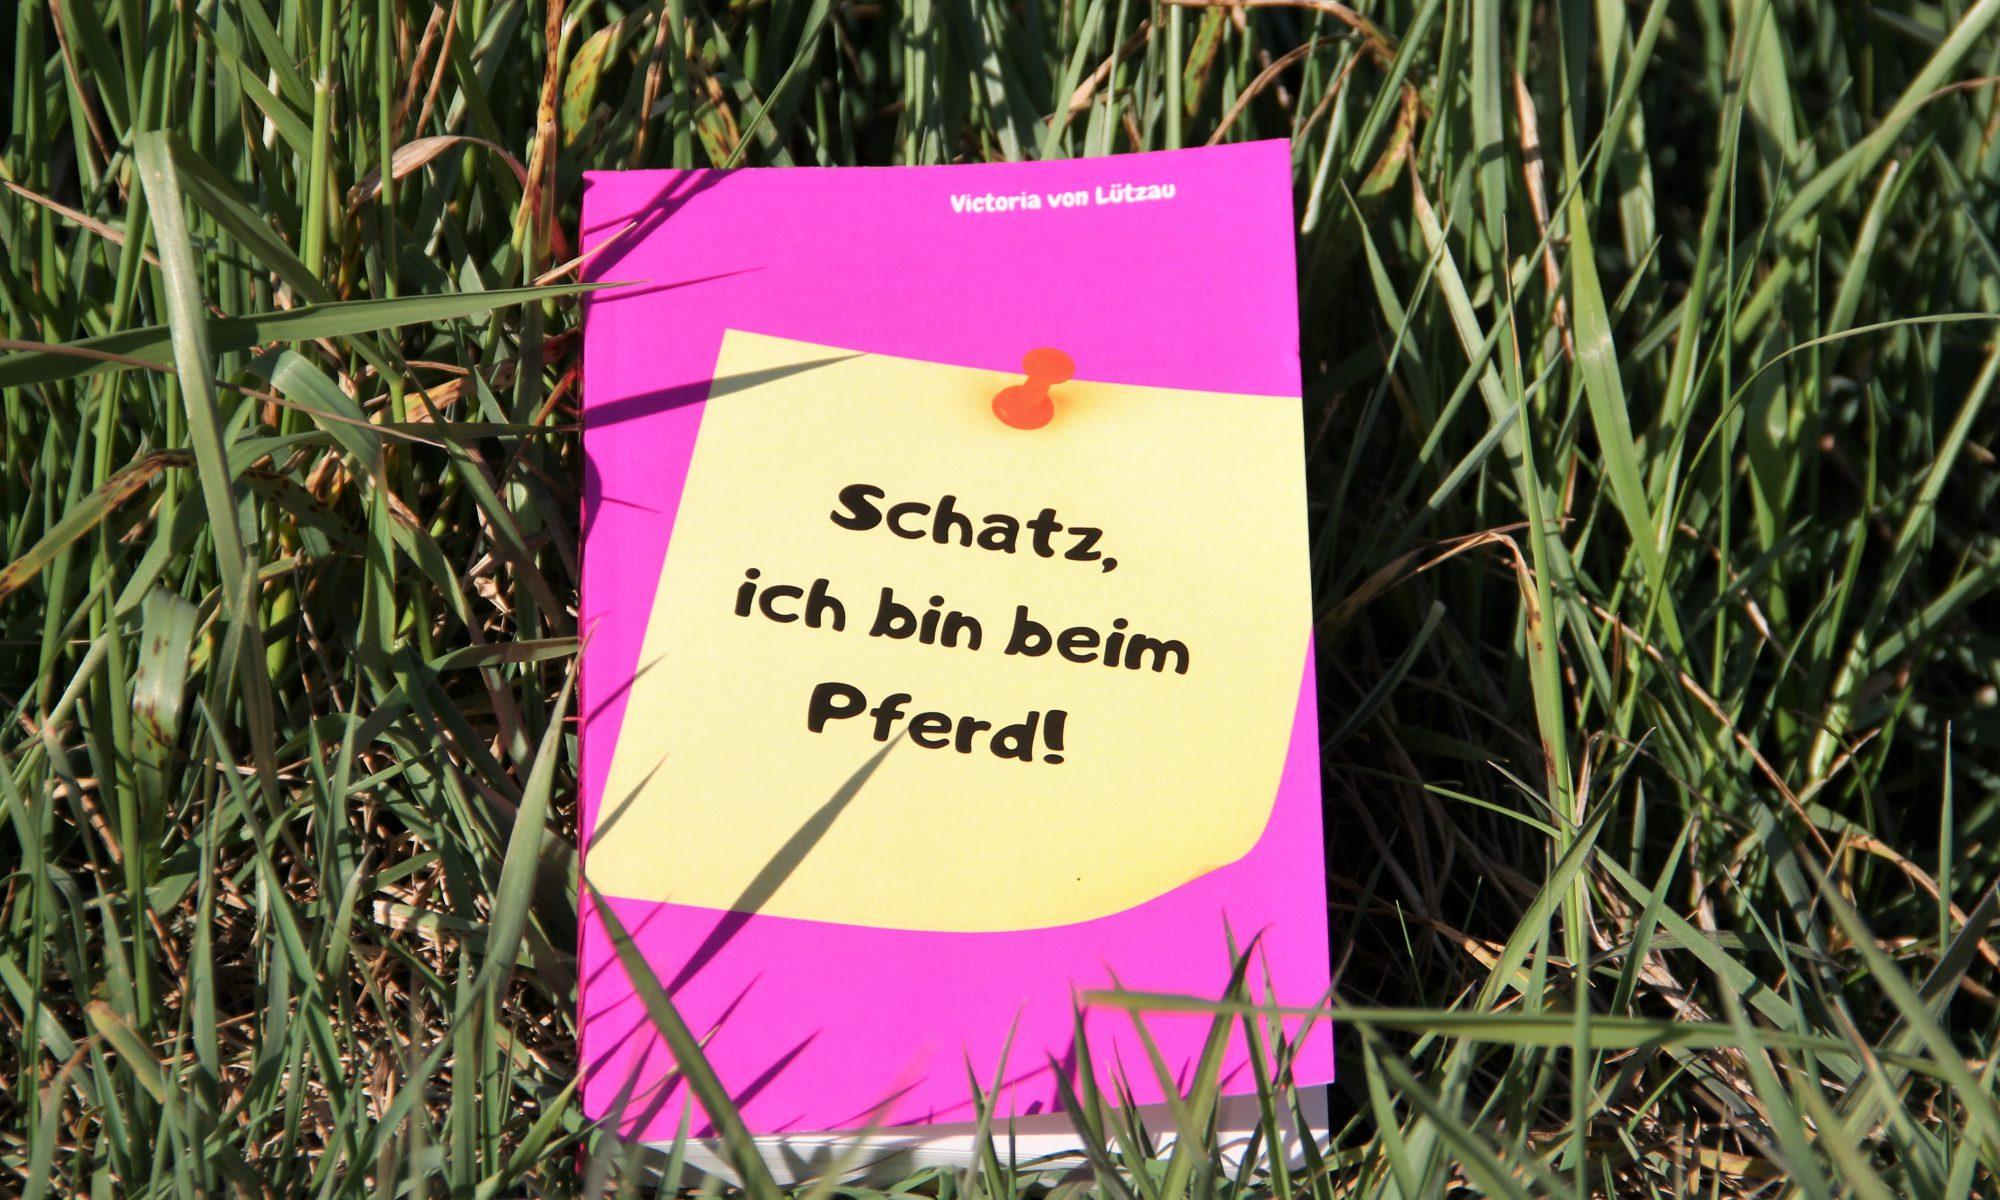 """Das Buch """"Schatz, ich bin beim Pferd!"""" liegt im Gras"""